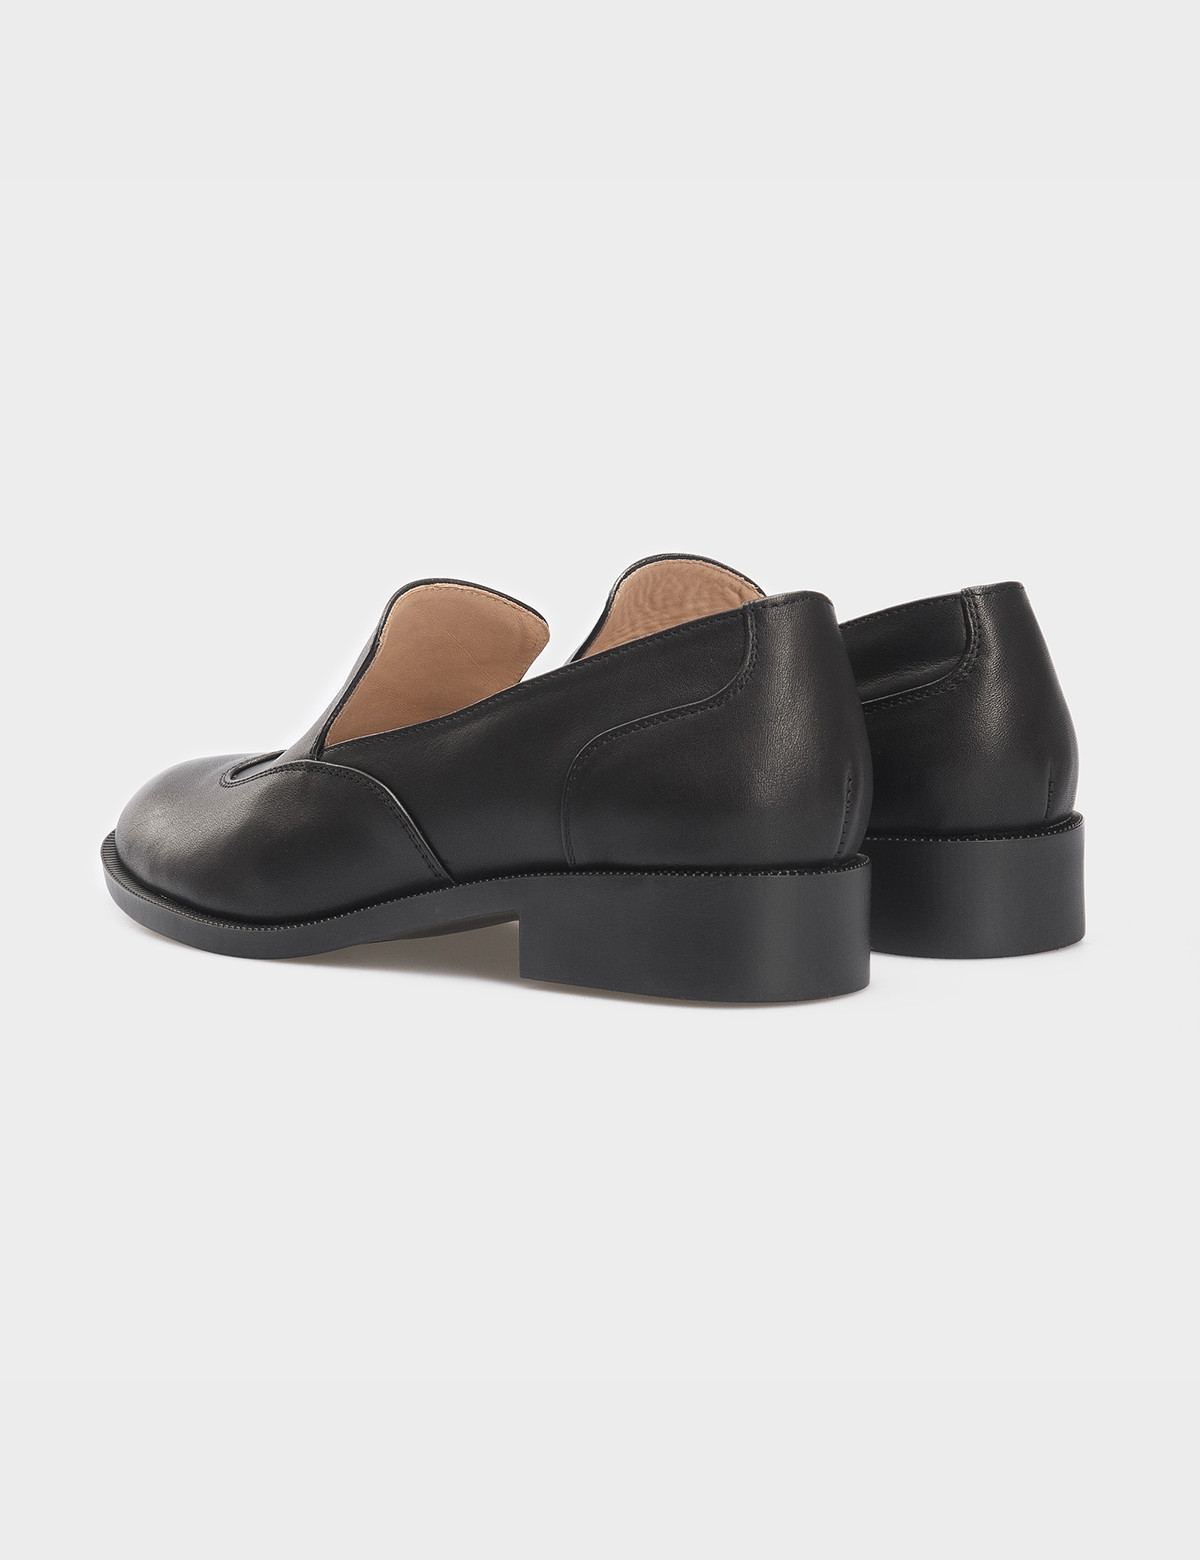 Туфли черные, кожа 2